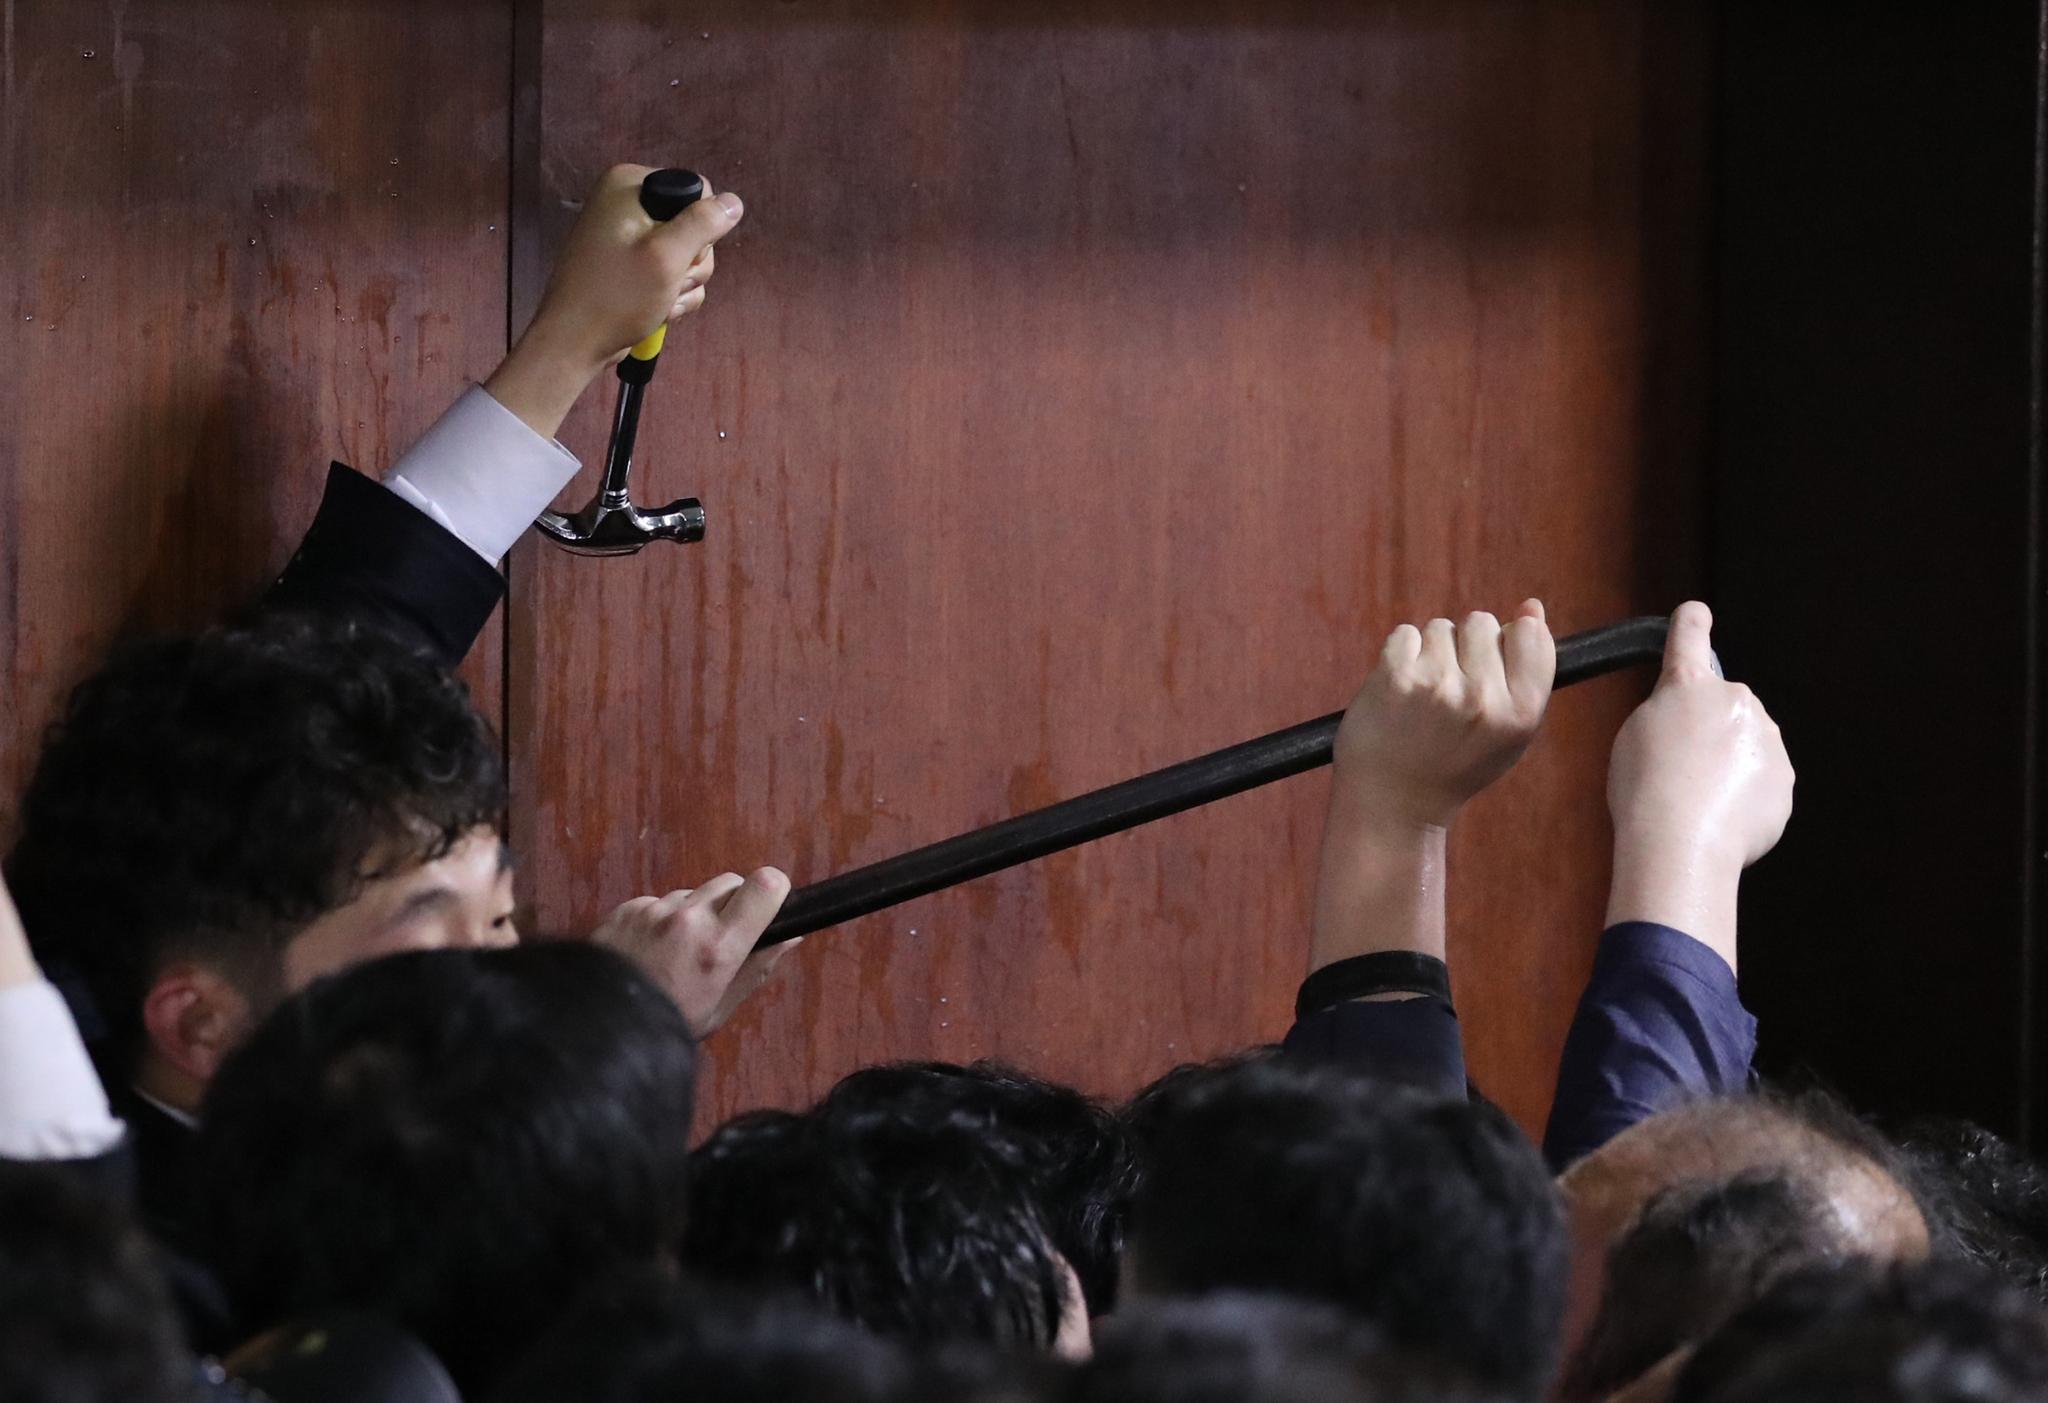 더불어민주당 의원과 보좌관들이 26일 새벽 여야4당의 수사권조정법안을 제출하기 위해 자유한국당 당직자들이 점거하는 국회 의안과에 '도구'를 사용해 진입 시도하고 있다. [연합뉴스]